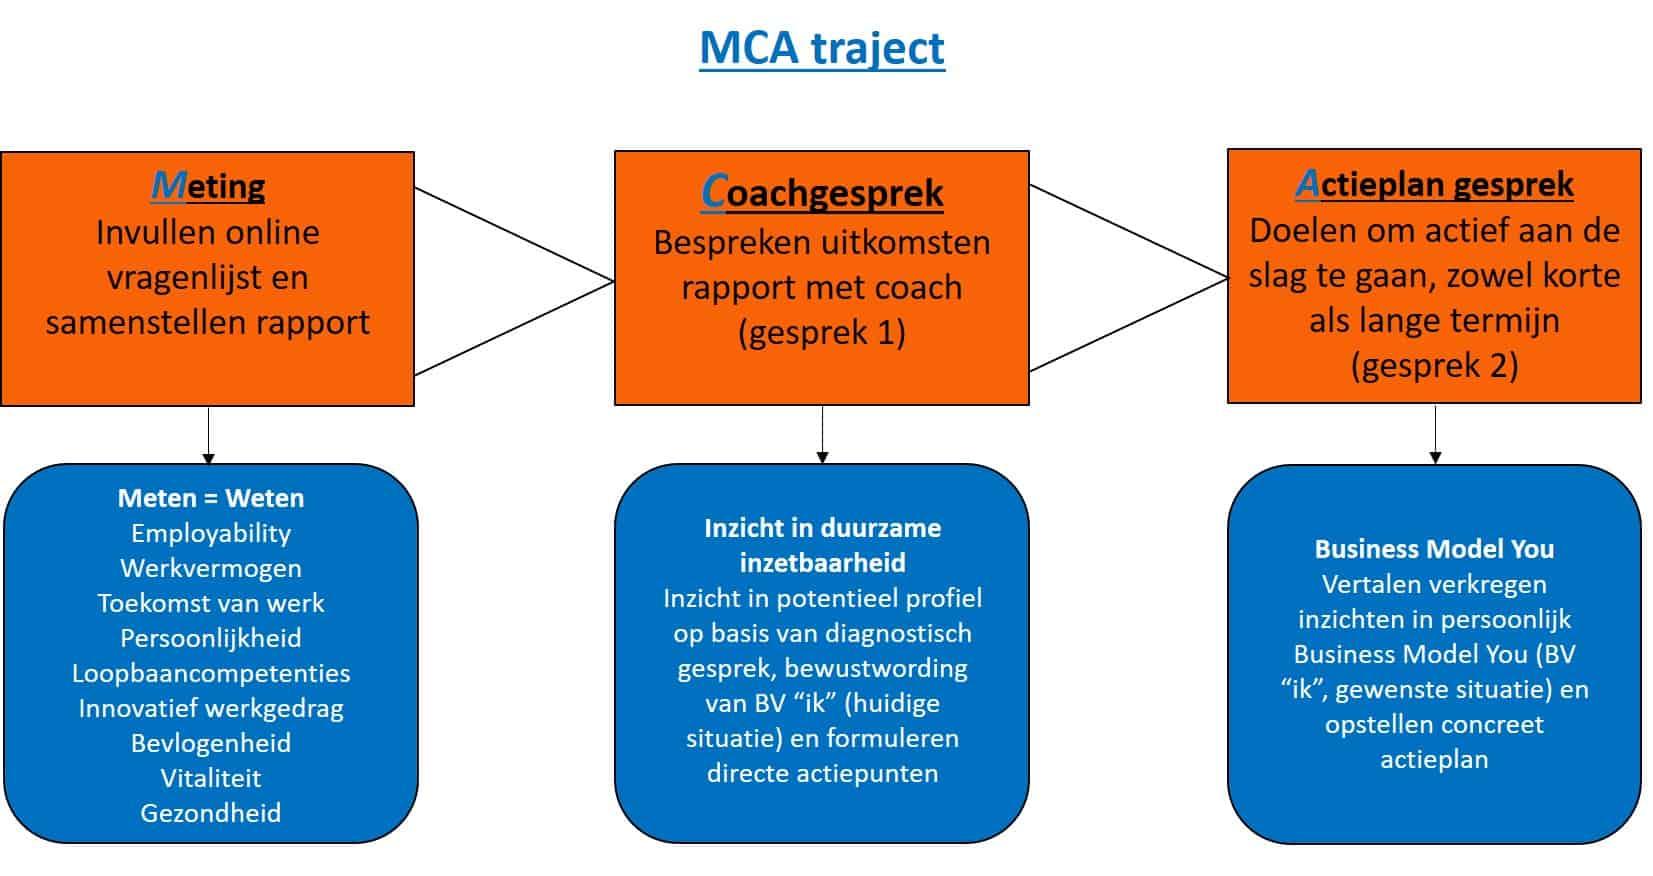 Duurzame inzetbaarheid, coaching, MCA traject